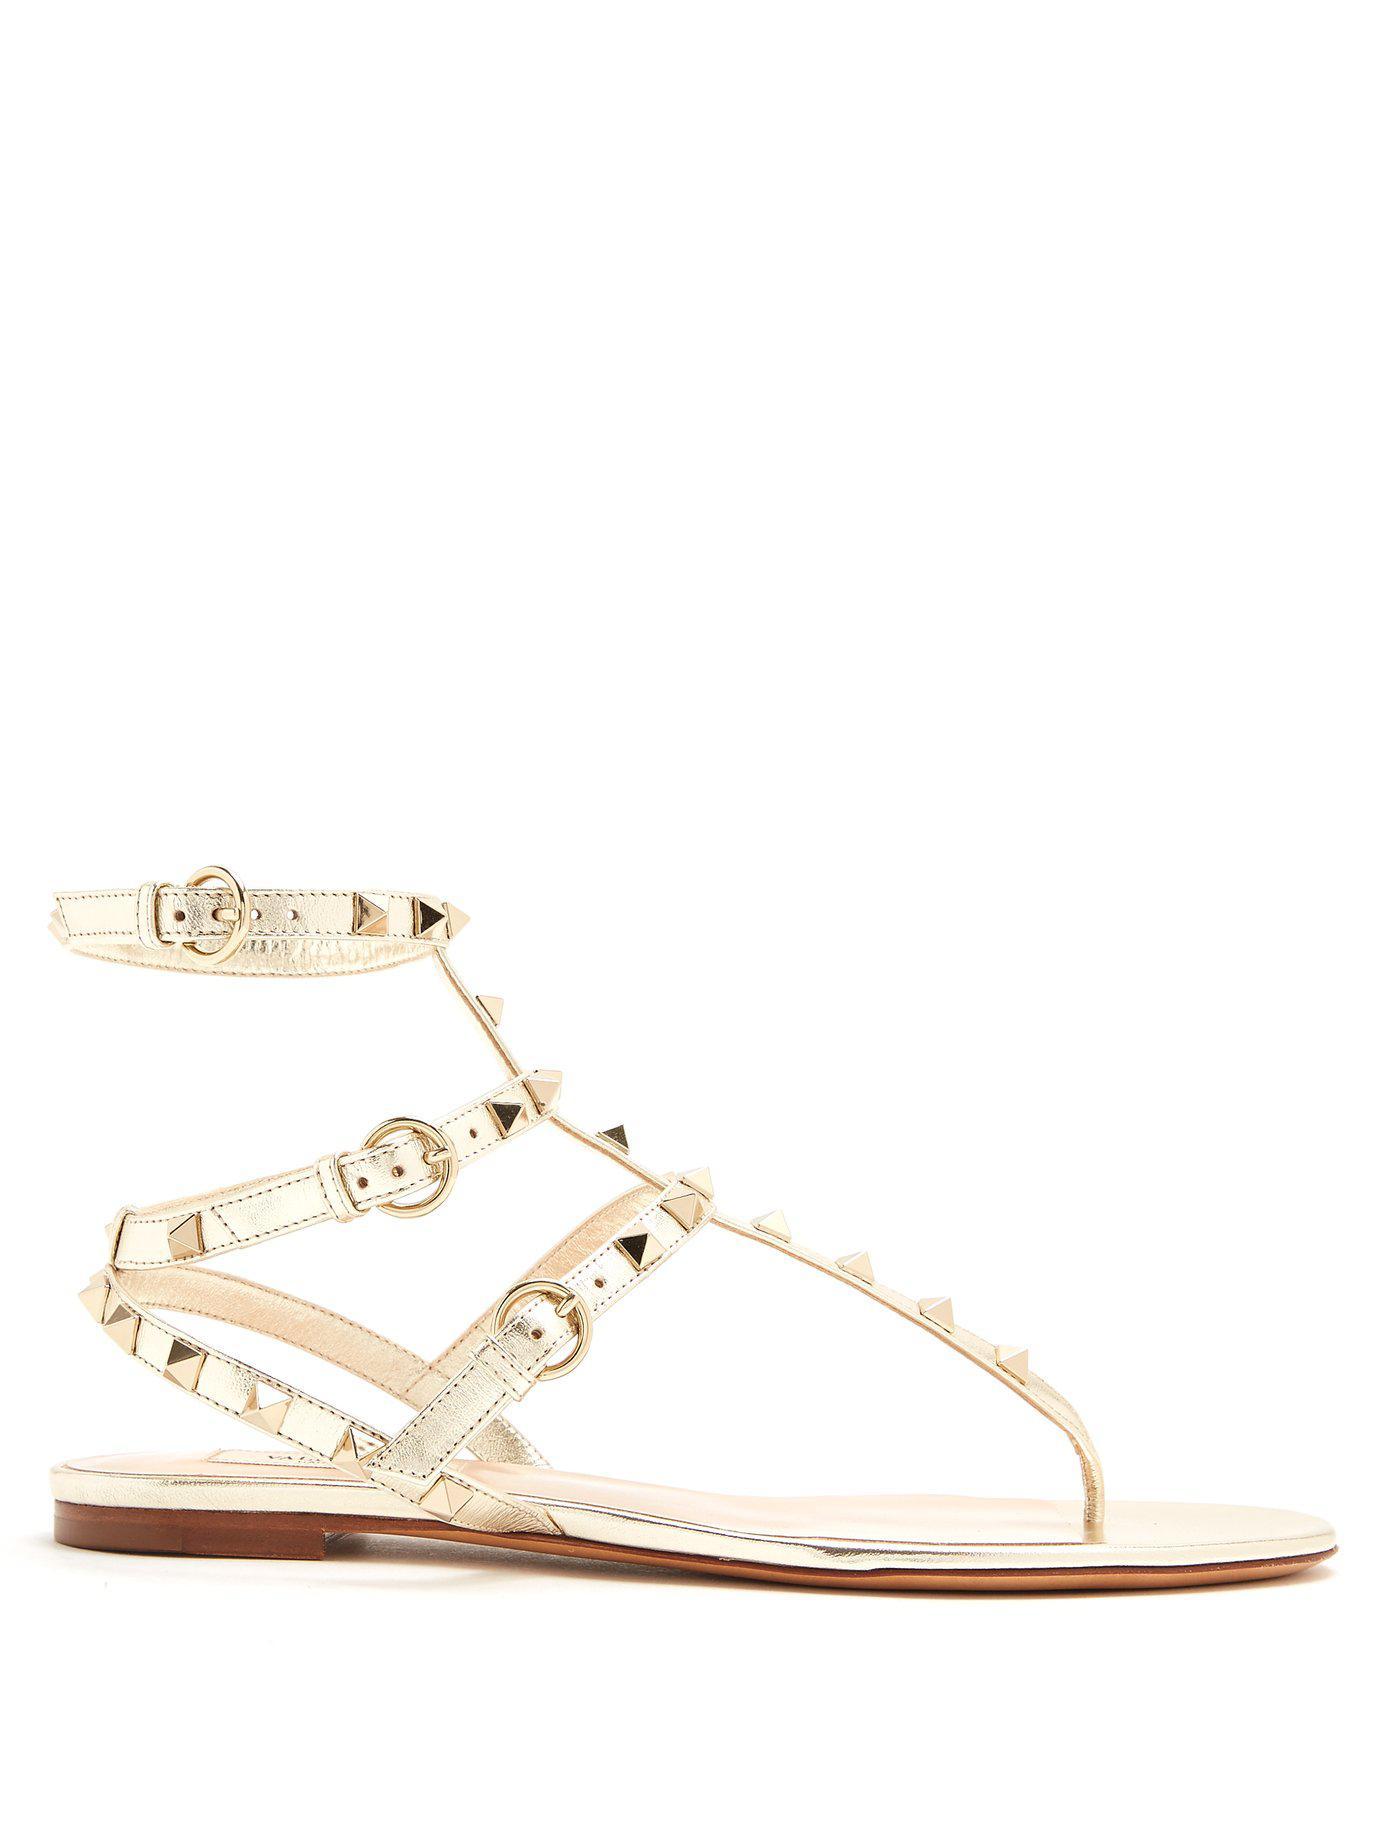 b01f005e5 Valentino - Metallic Rockstud Flat Leather Sandals - Lyst. View fullscreen